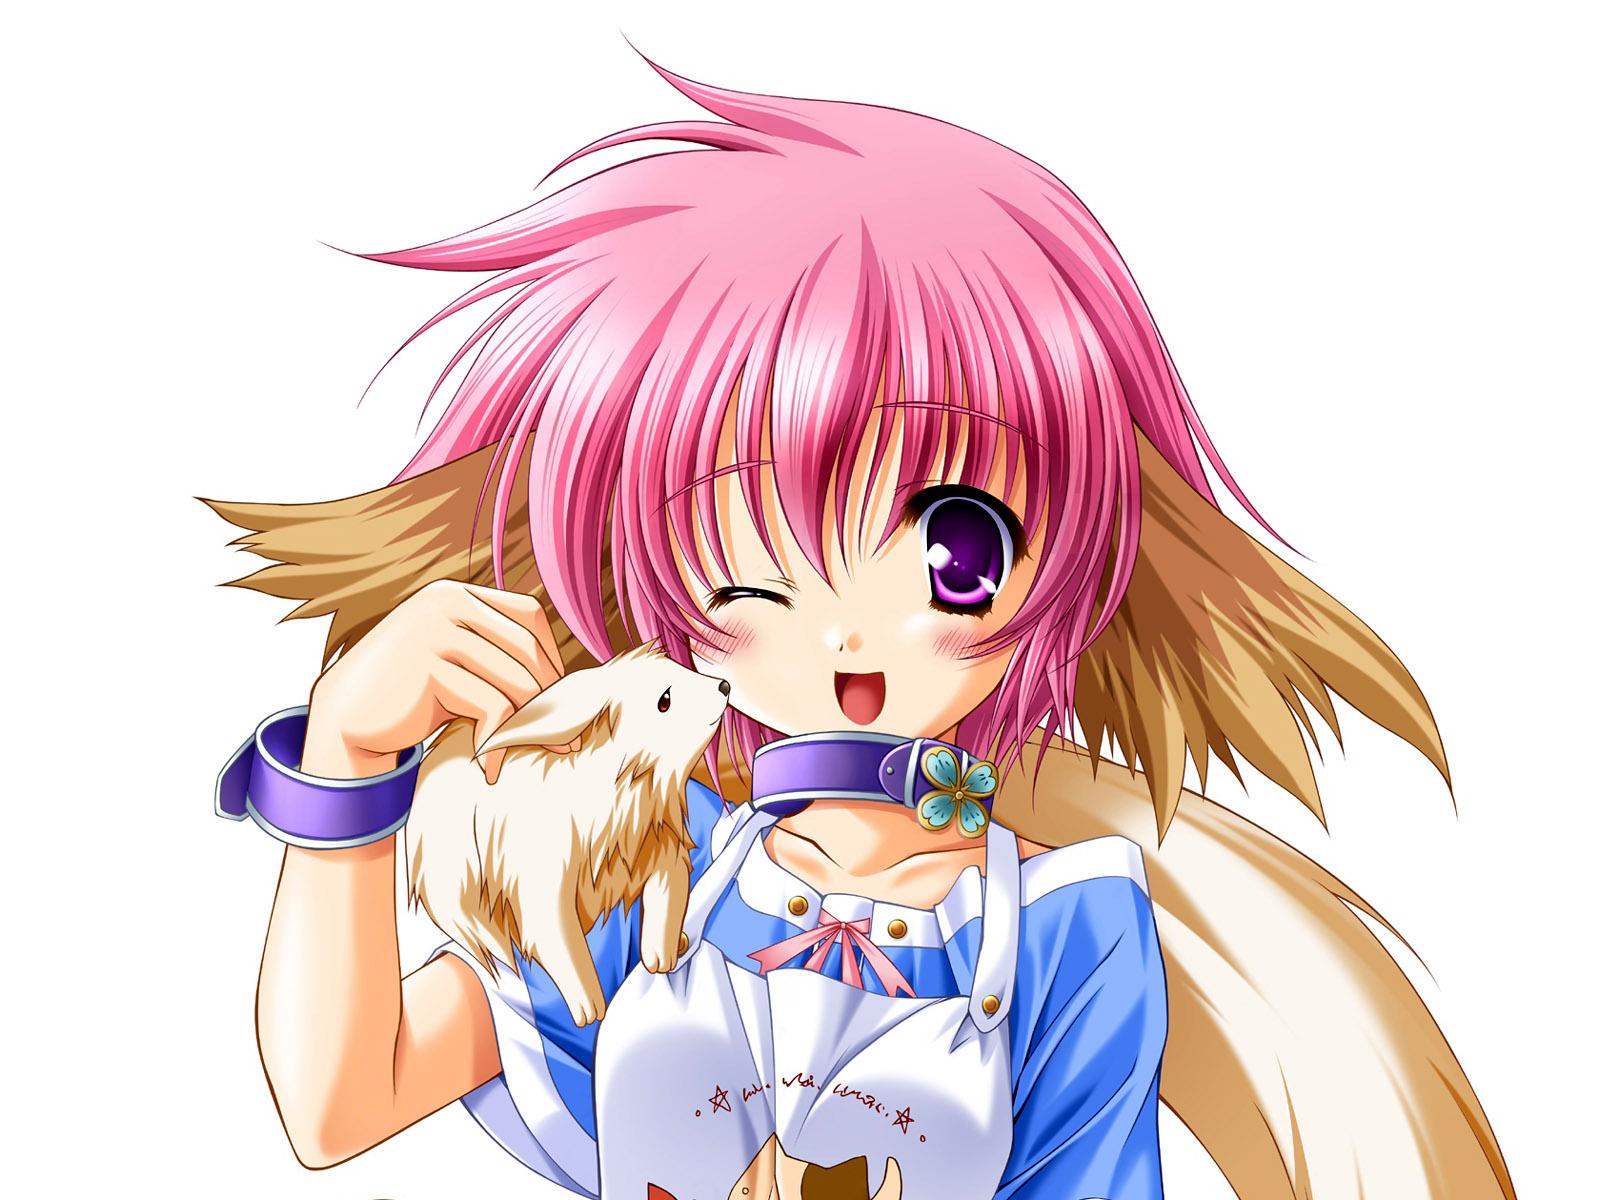 Dedica uma imagem a pessoa de cima - Página 6 Anime_Girl_and_animal_013332_